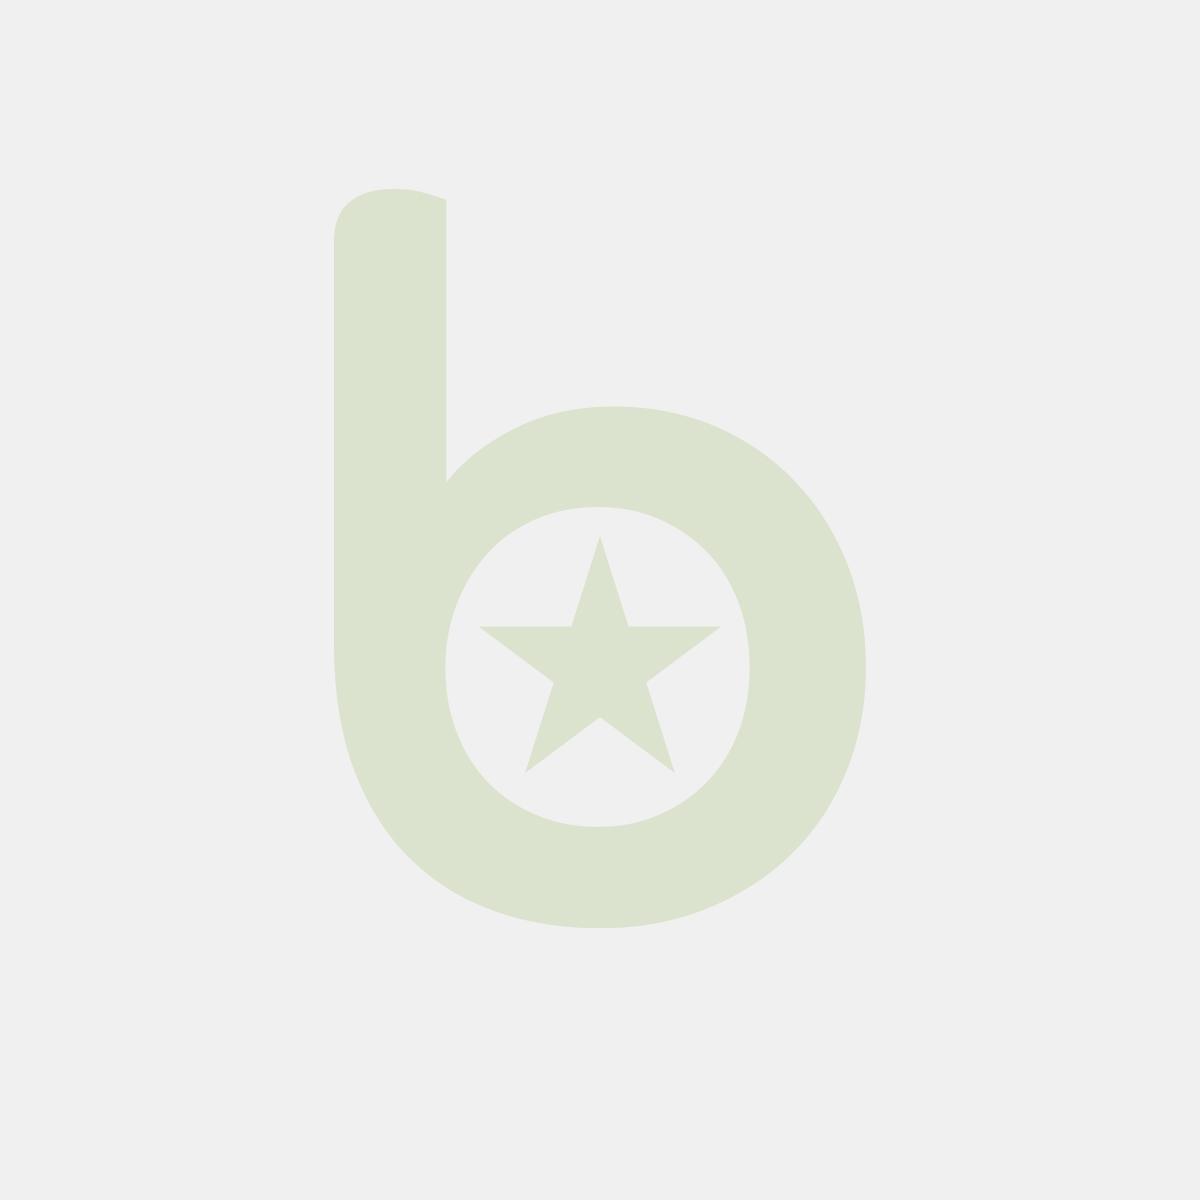 FINGERFOOD - łyżka azjatyckia PS 12cm transparentna op. 50 sztuk